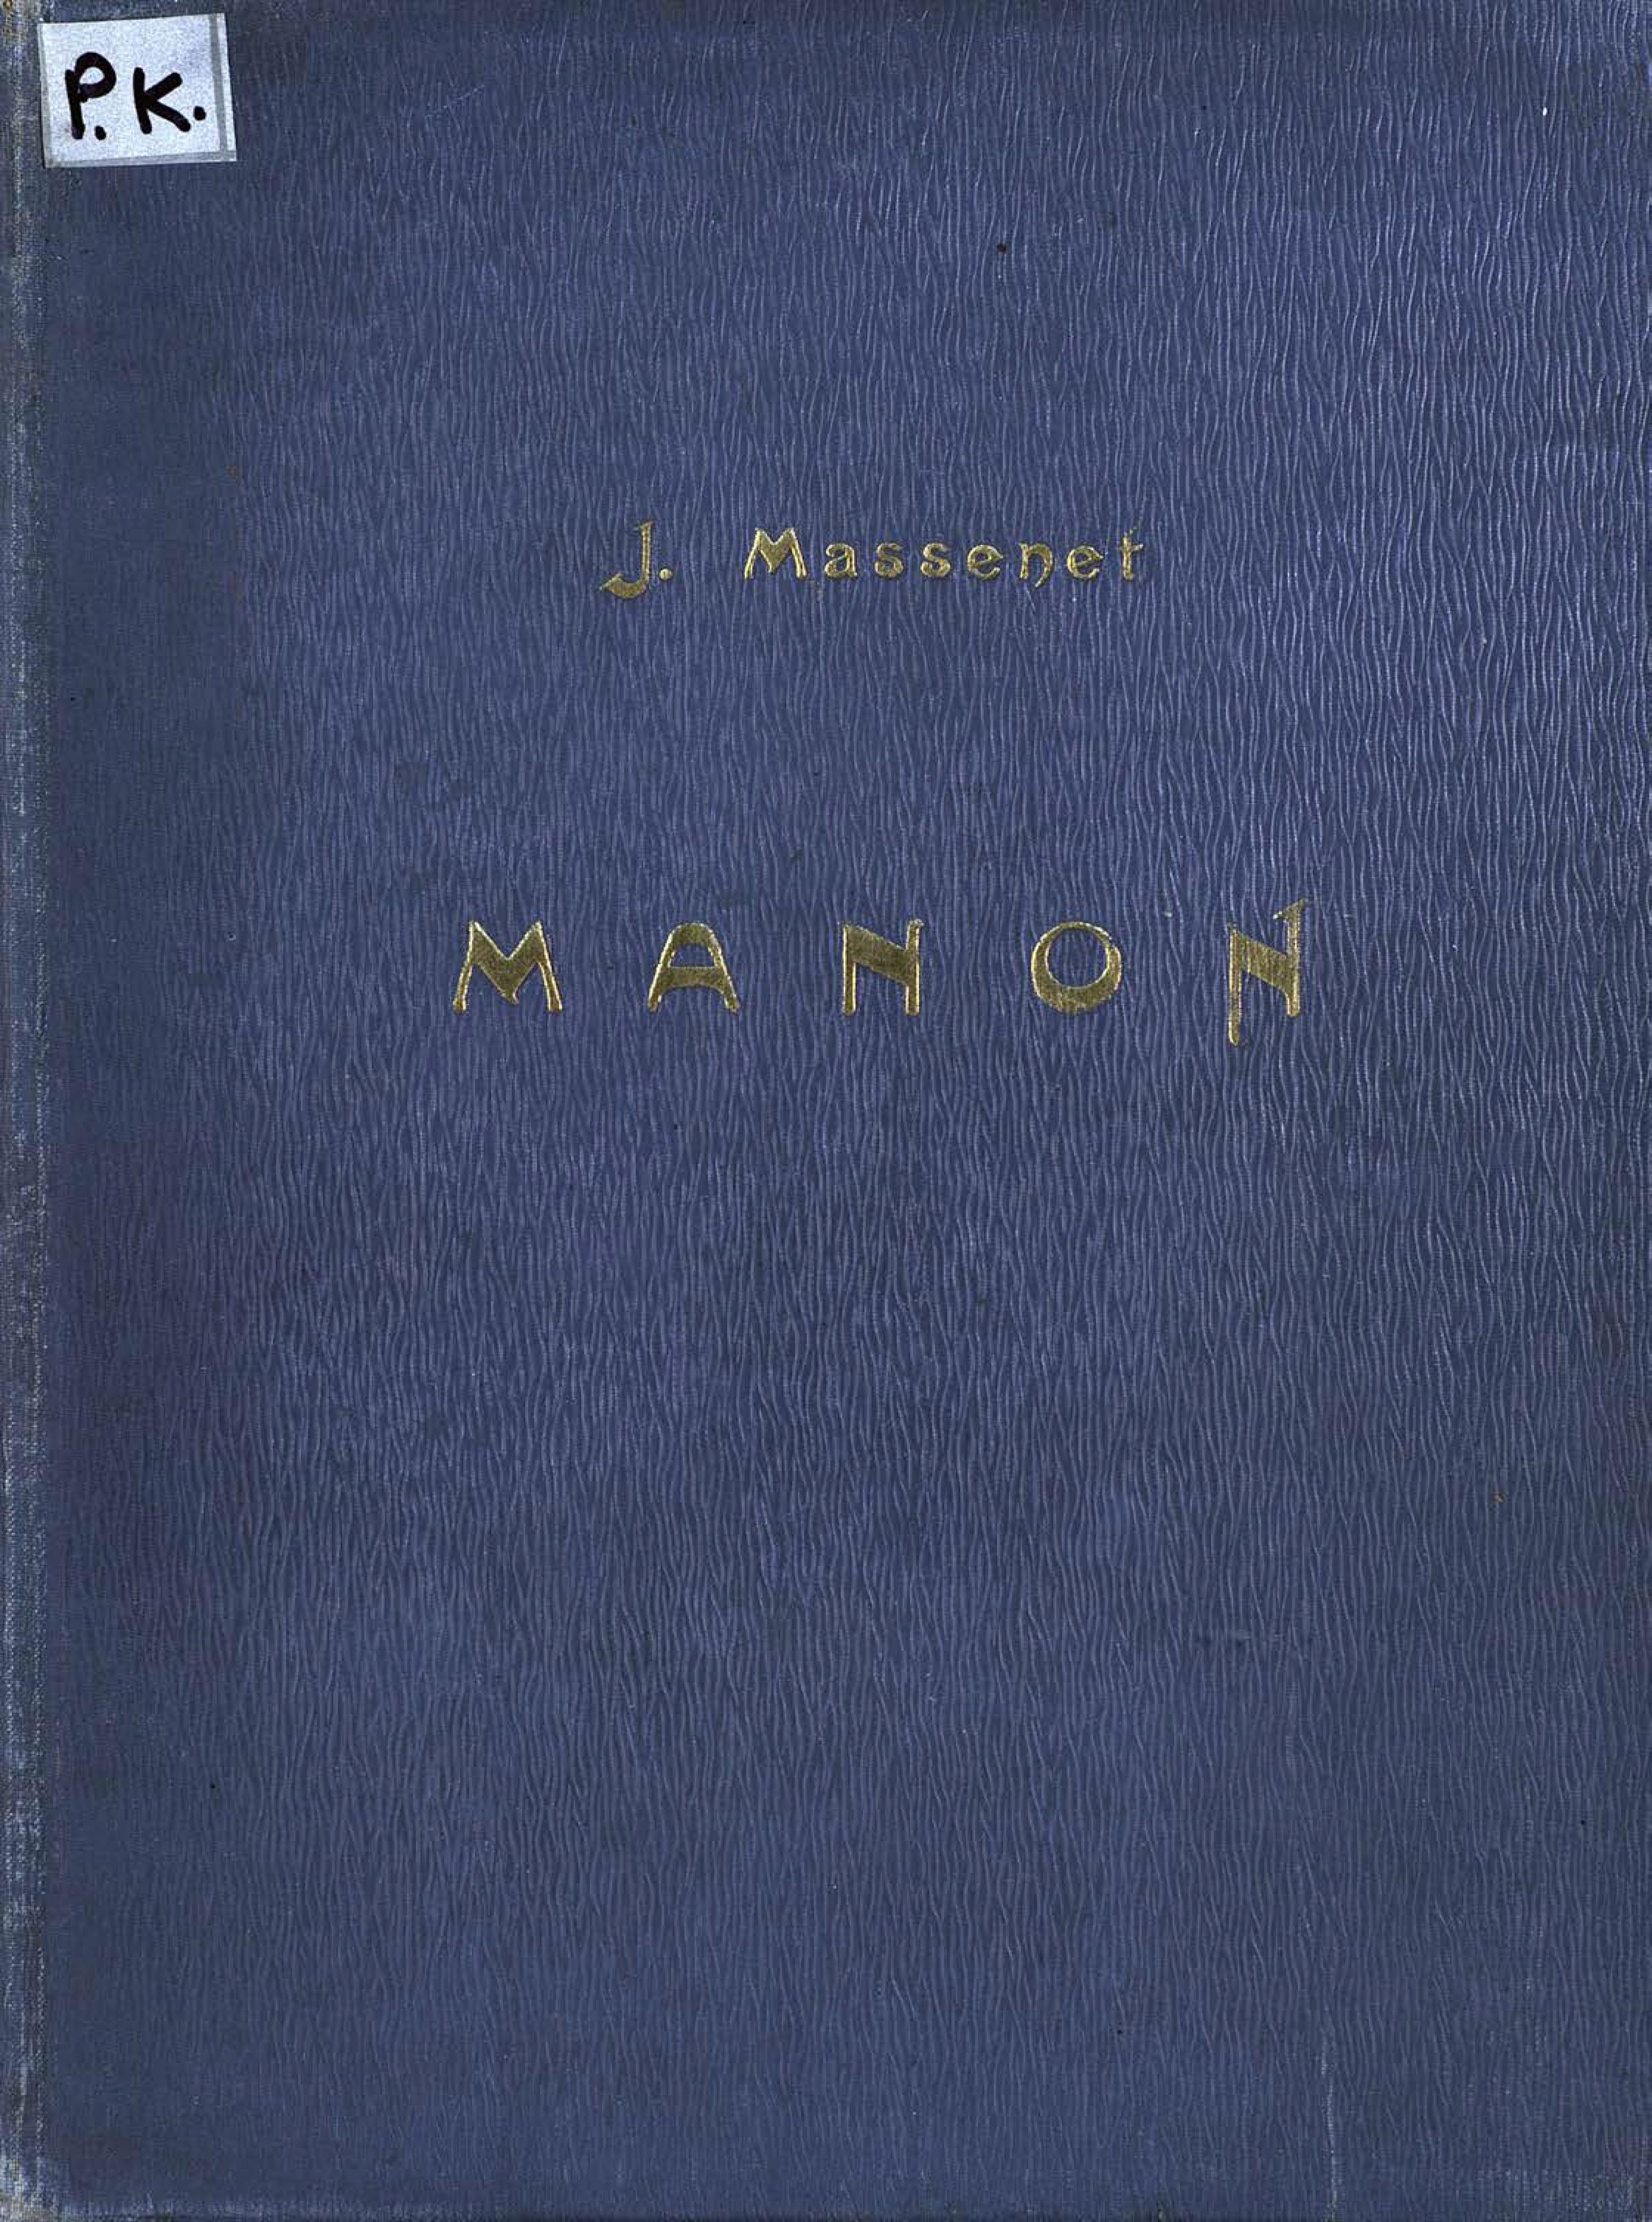 Жюль Массне Manon massenet adam fischer manon